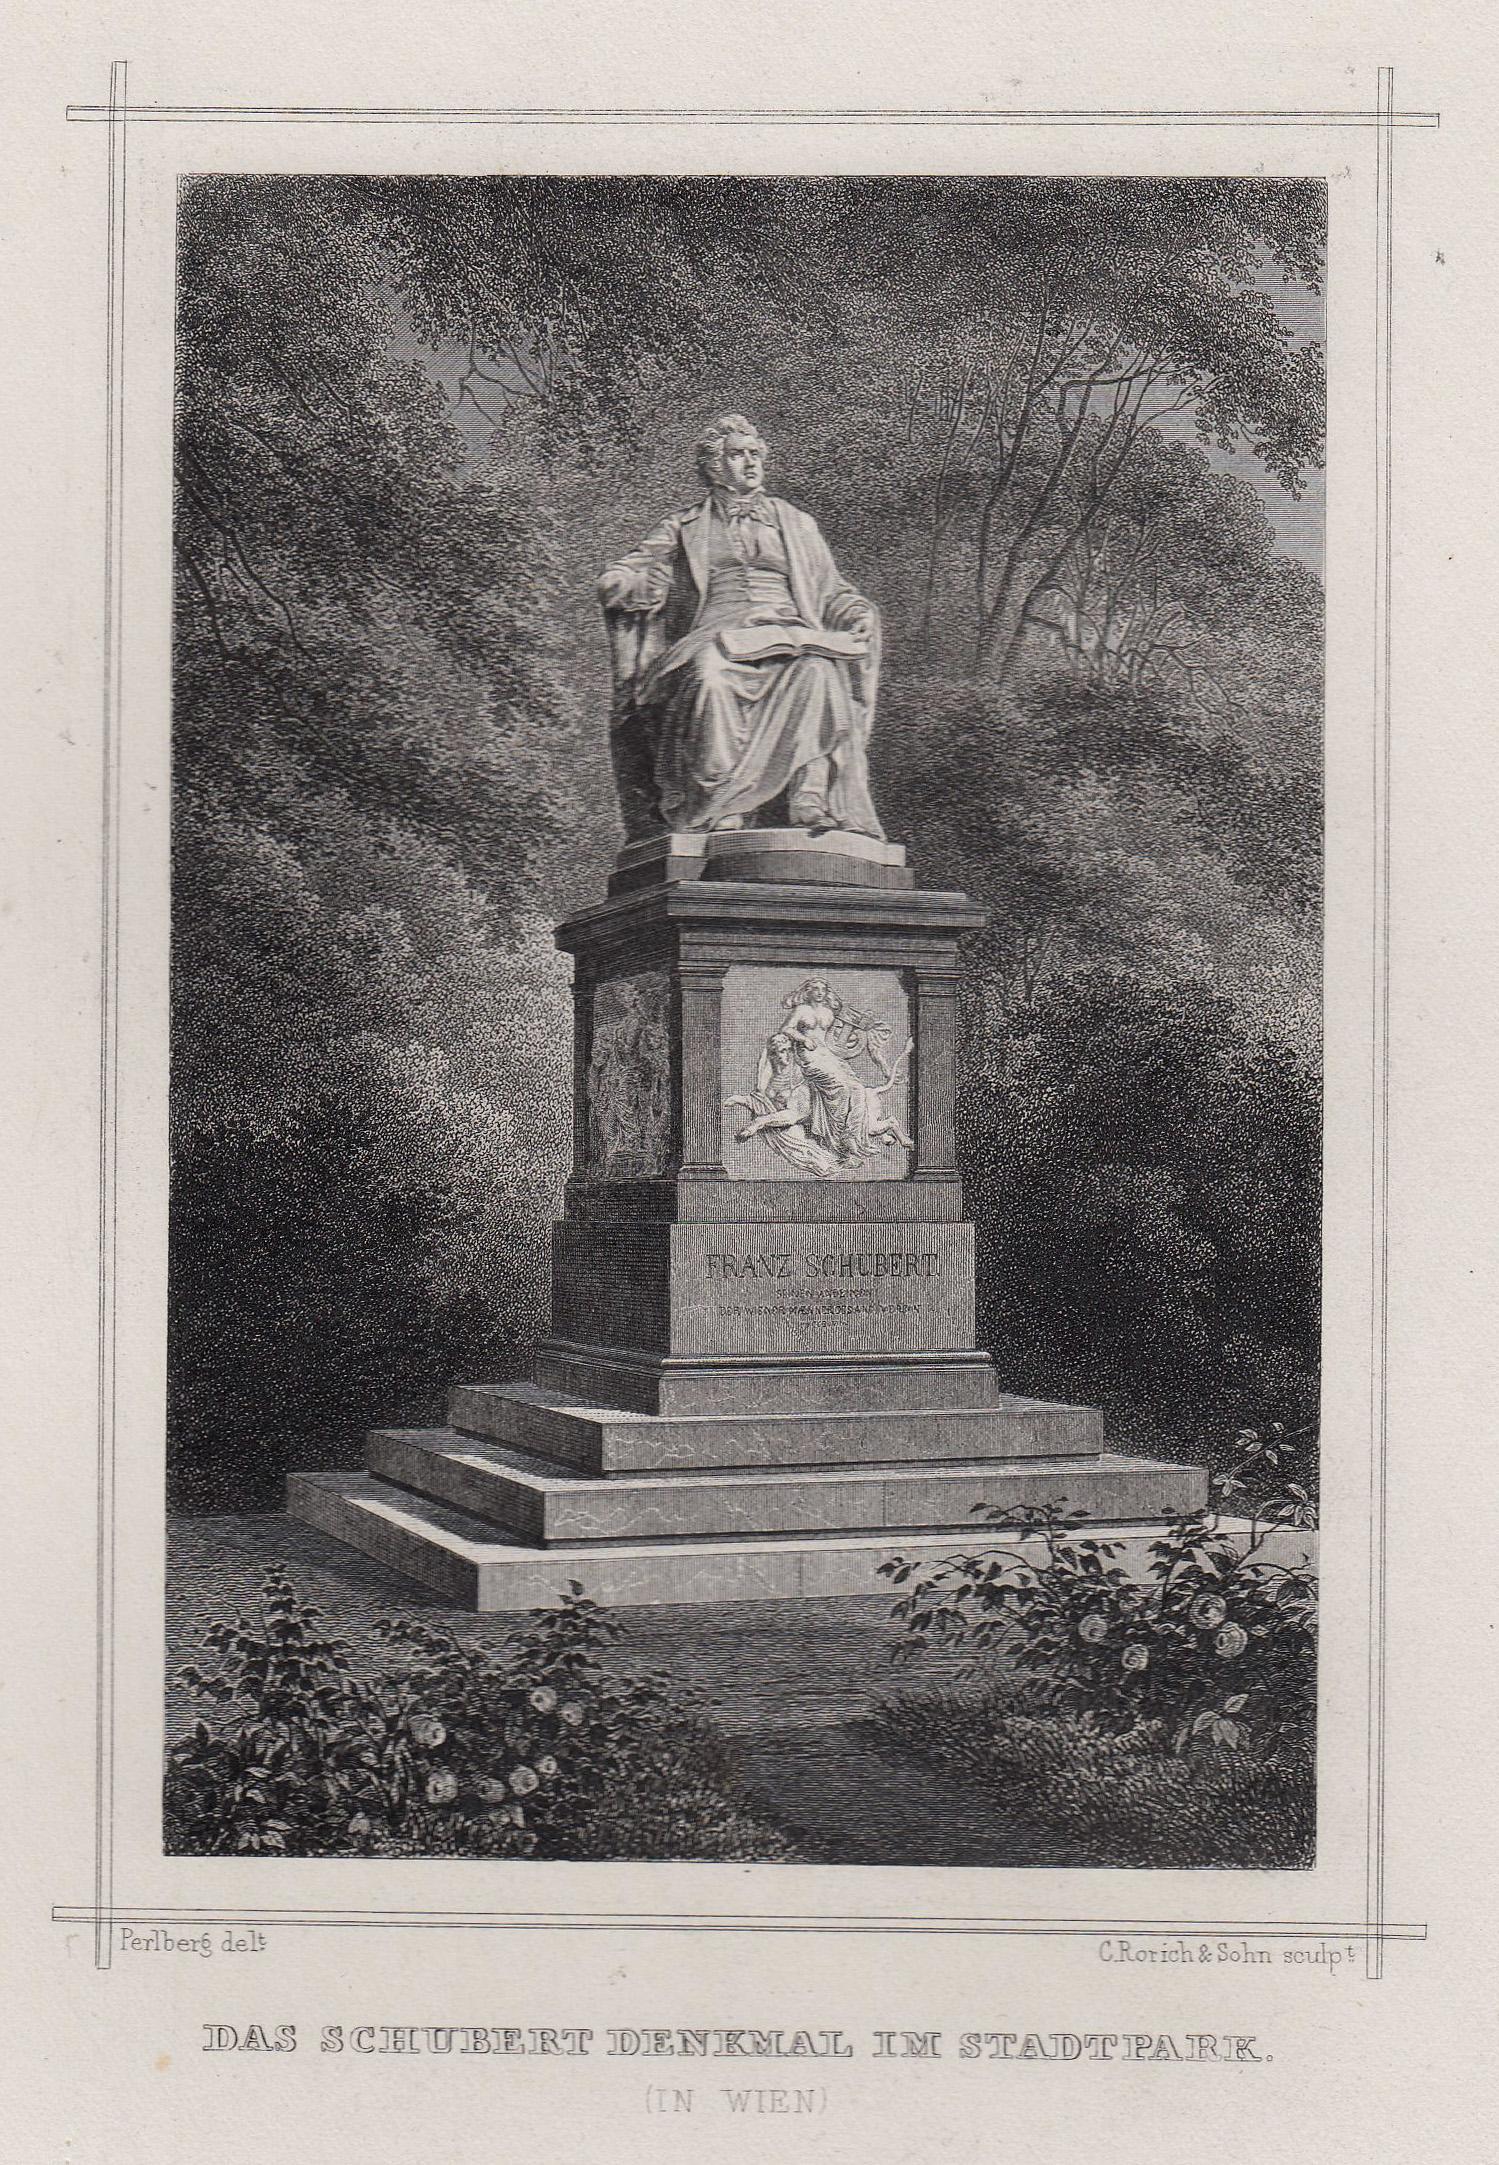 """TA., Denkmal, """"Das Schubert Denkmal im Stadtpark"""".: Wien ( Vienna"""